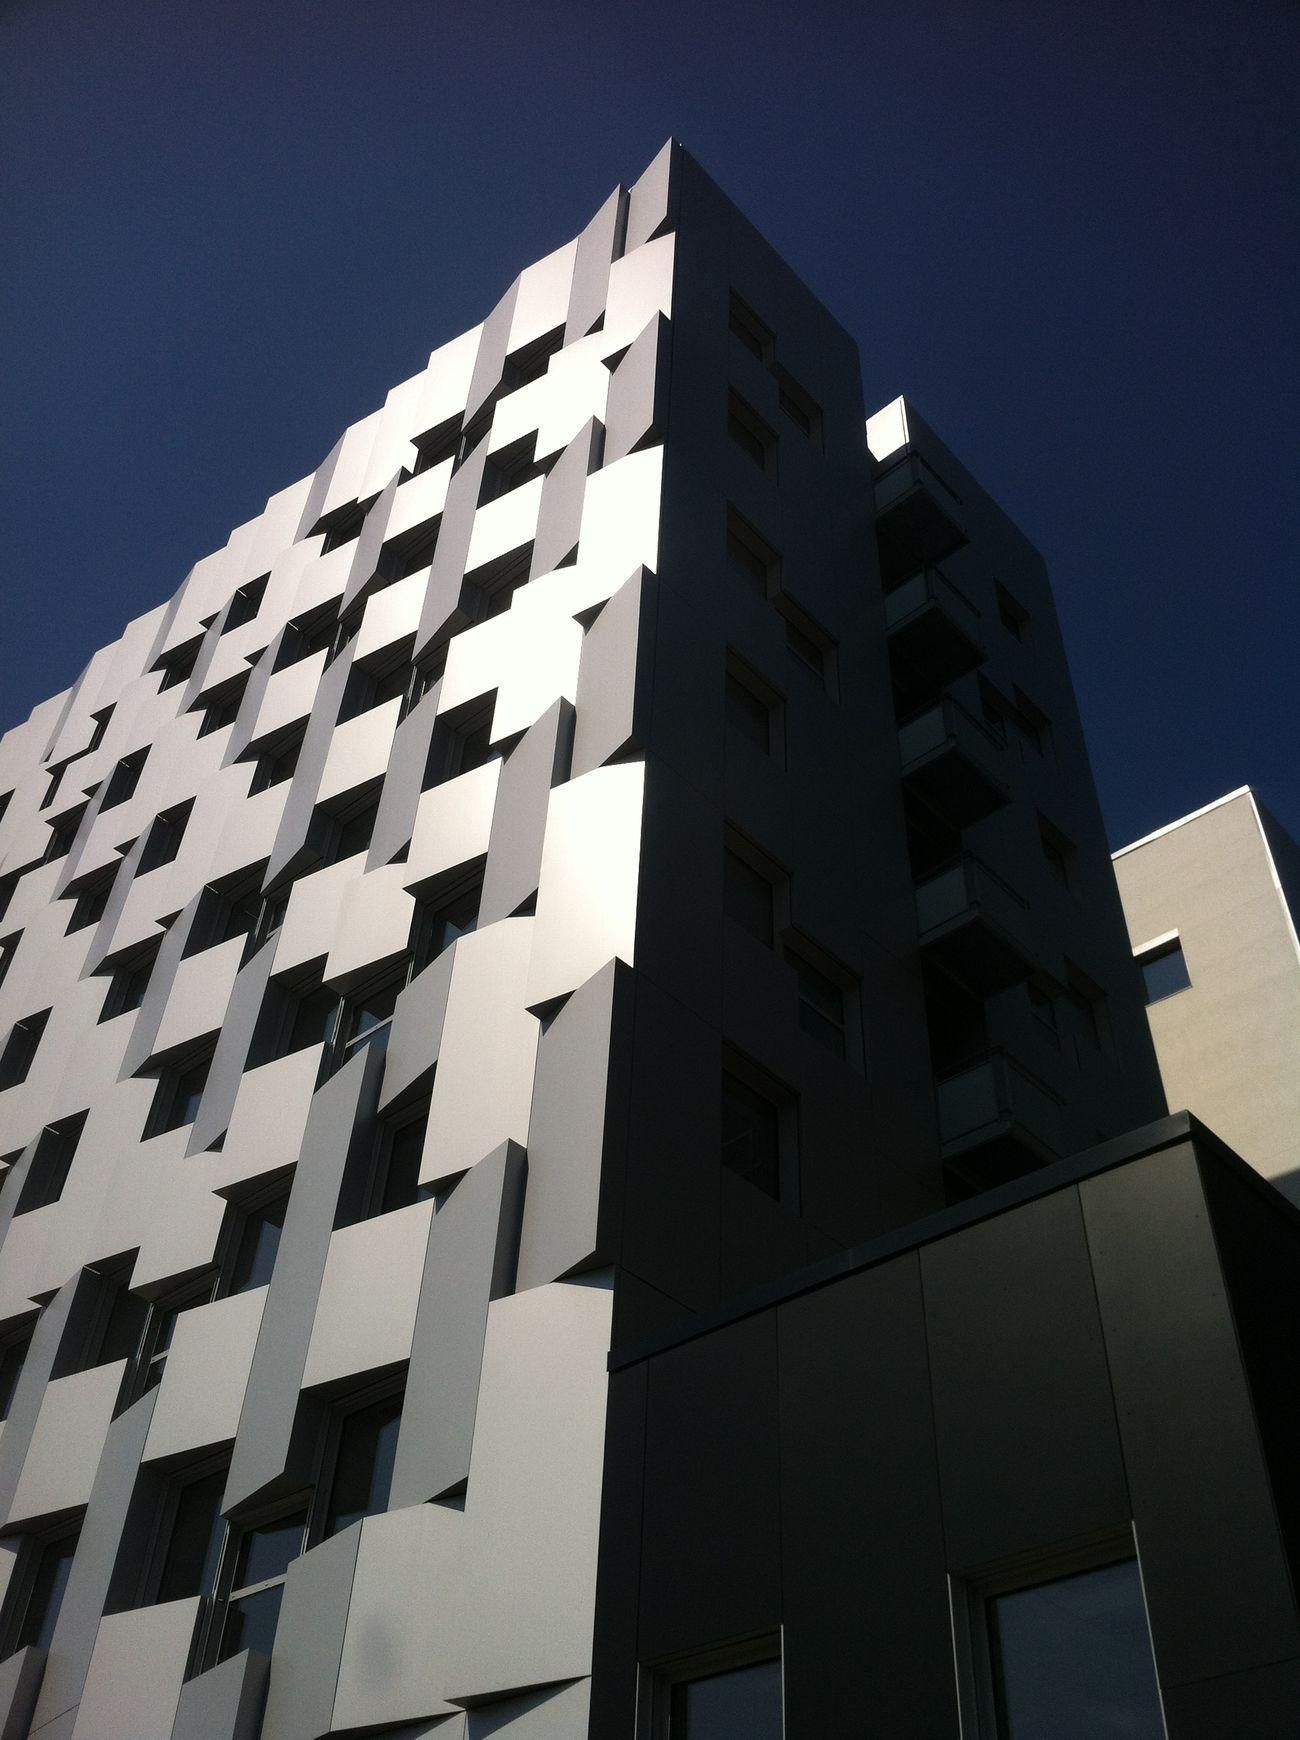 No curves Architecture Lyon Building Urban City